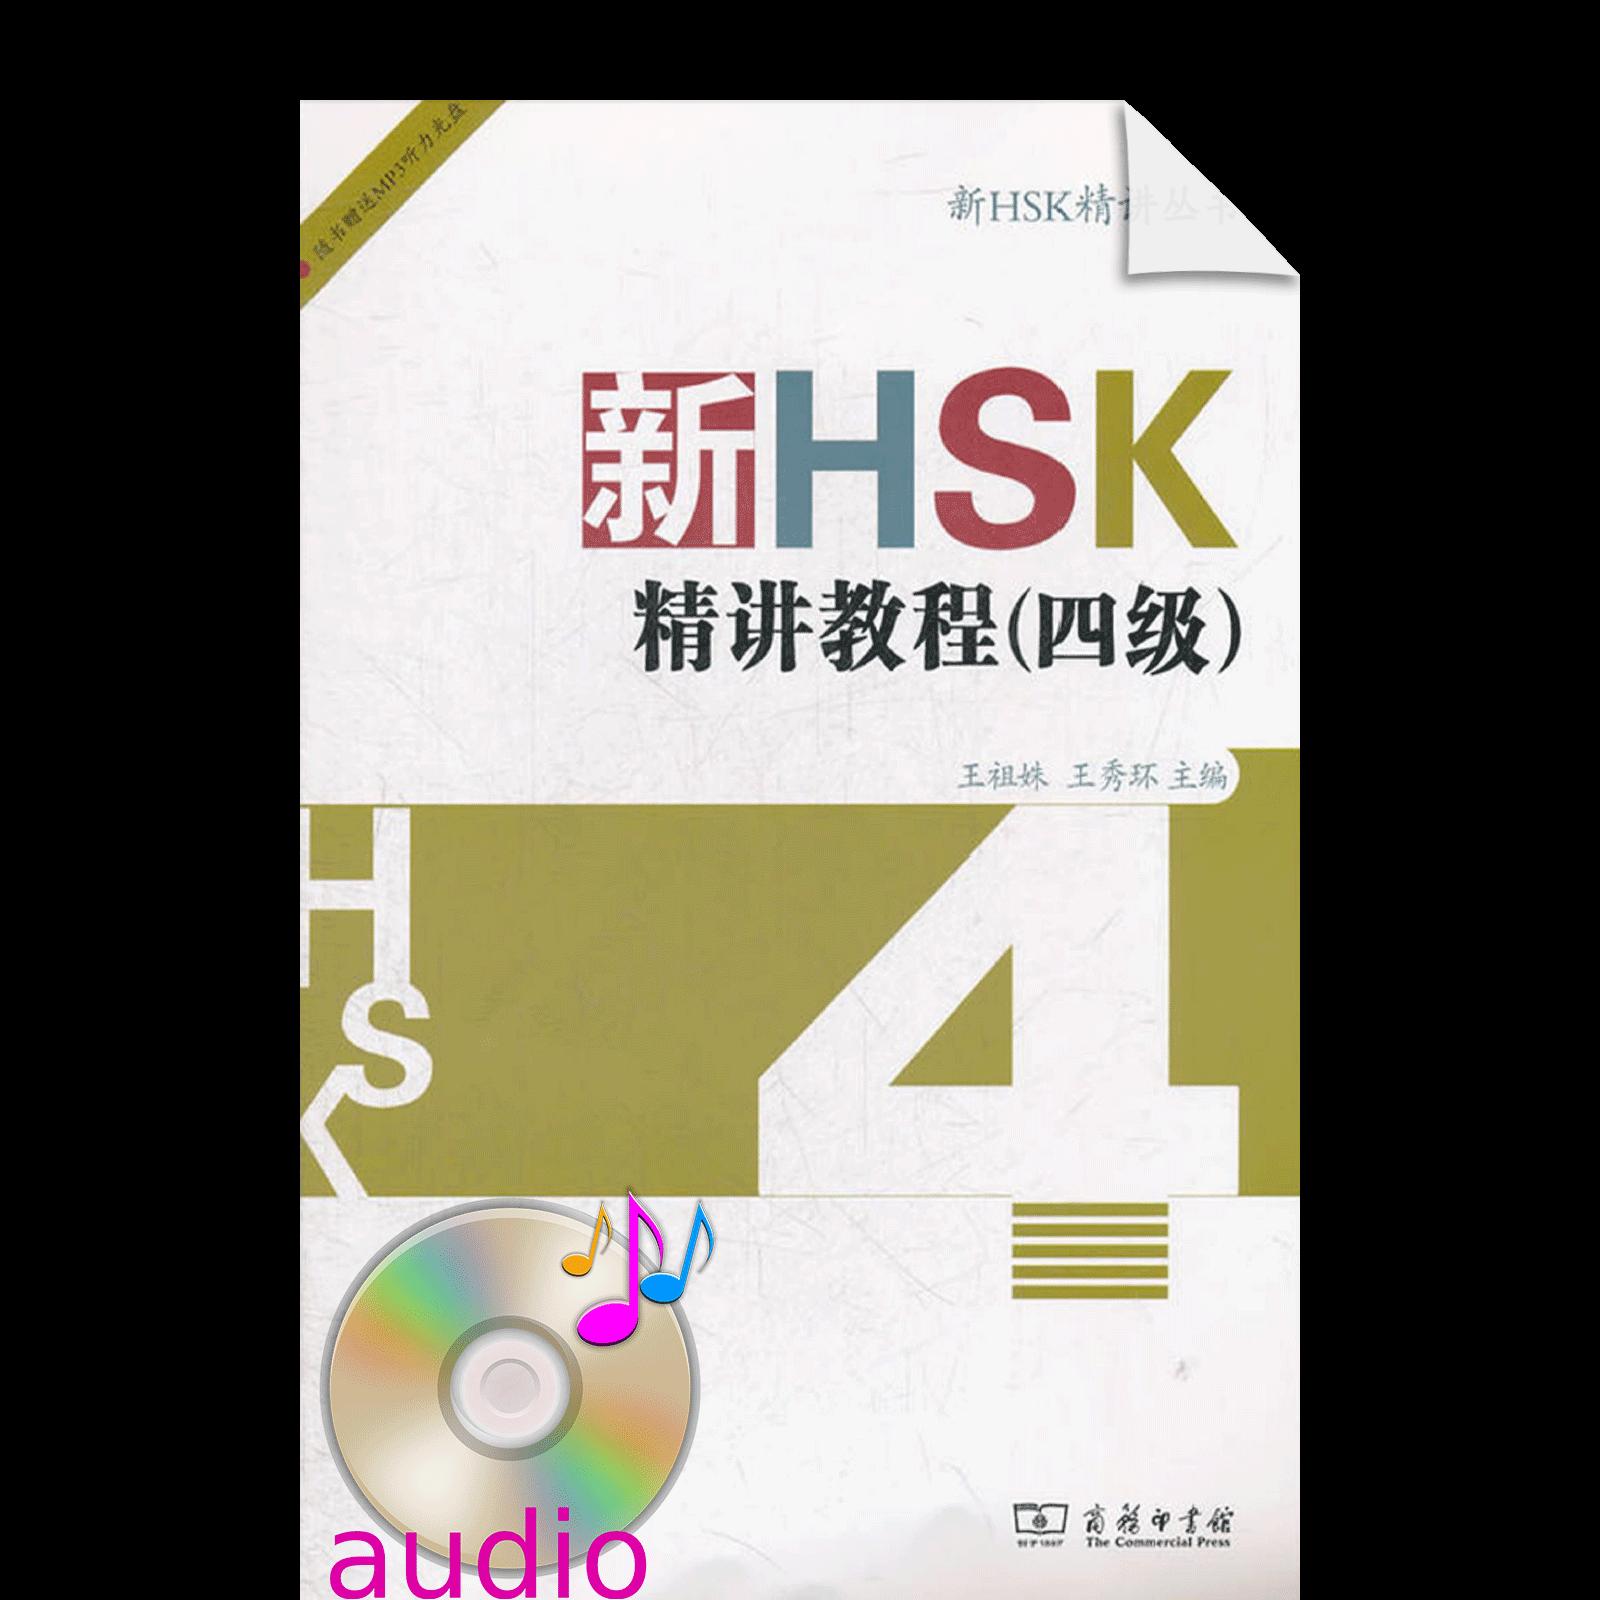 Xinhsk Jingjiang Jiaocheng 4Ji Audio